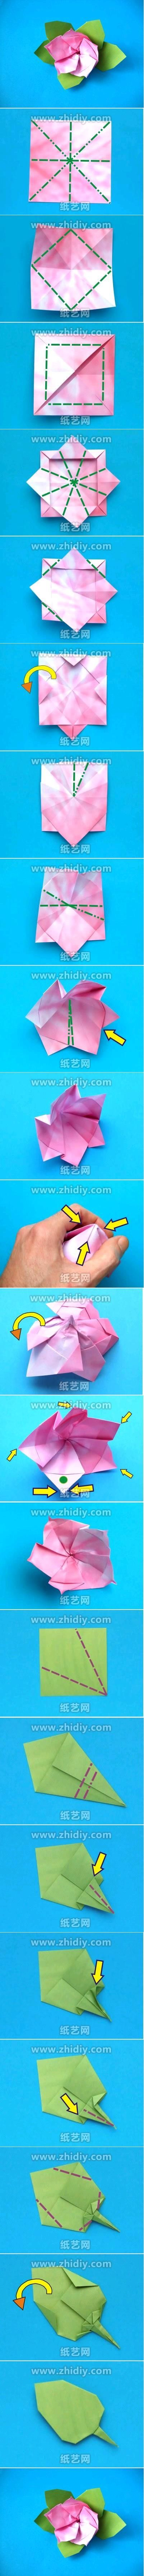 Origami Azalea Flower Folding Instructions / Origami Instruction on imgfave